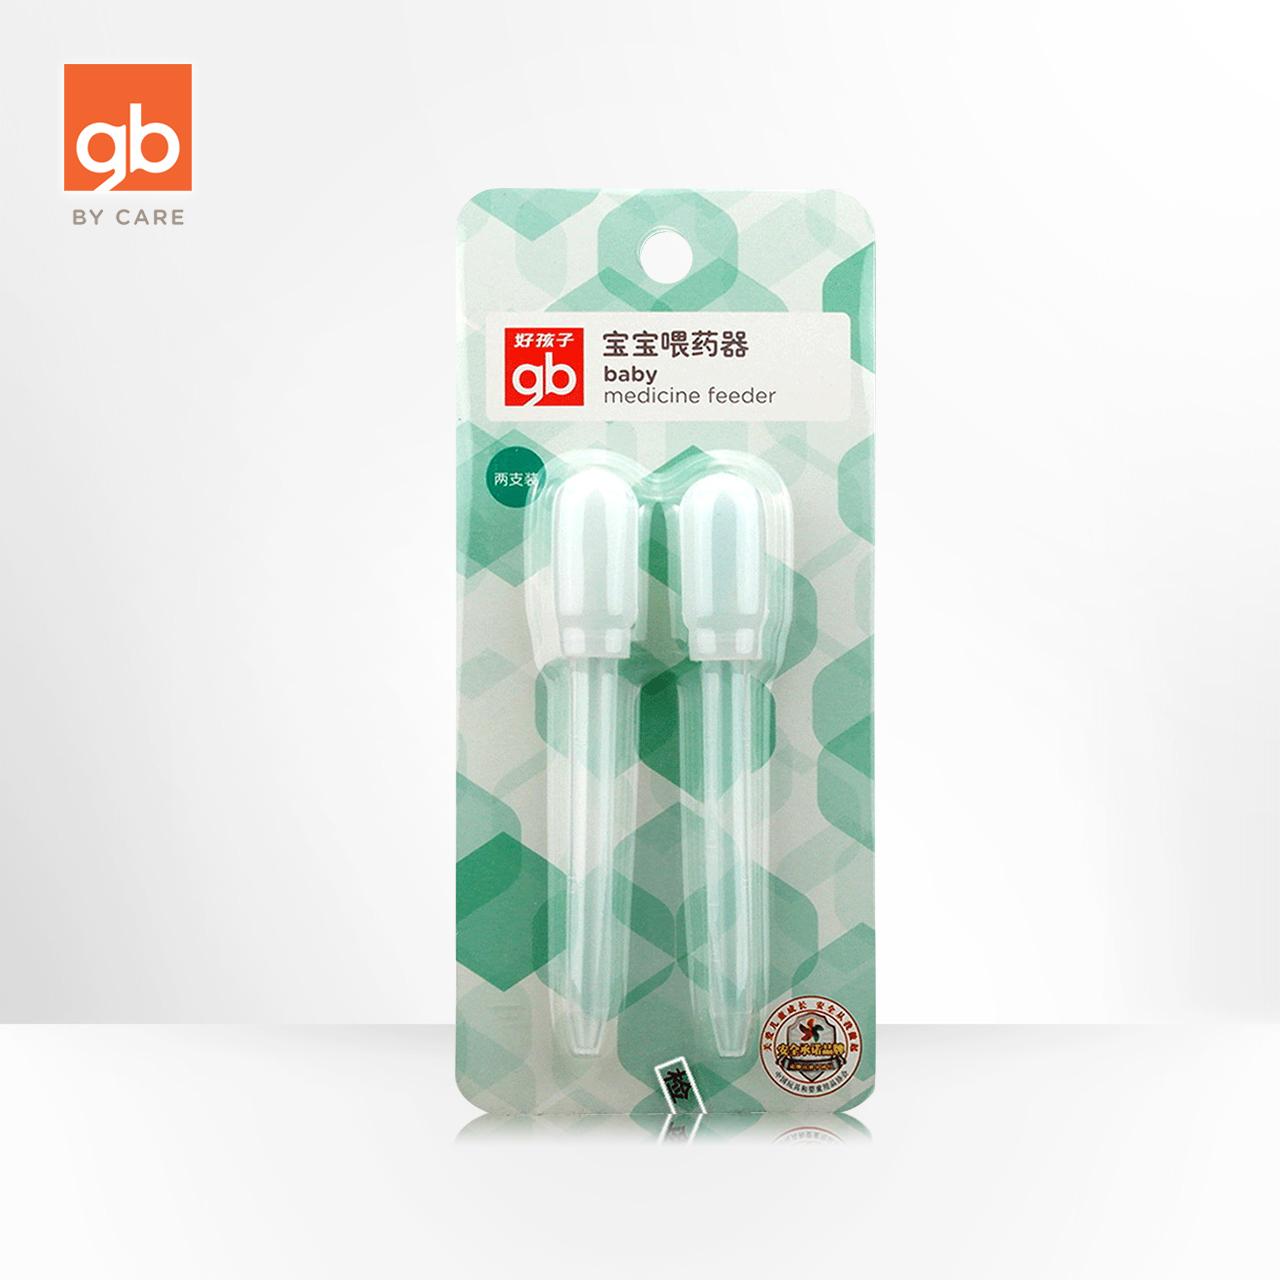 gb好孩子婴儿喂药器滴管式防呛宝宝喂药器带刻度喂奶喂药器2支